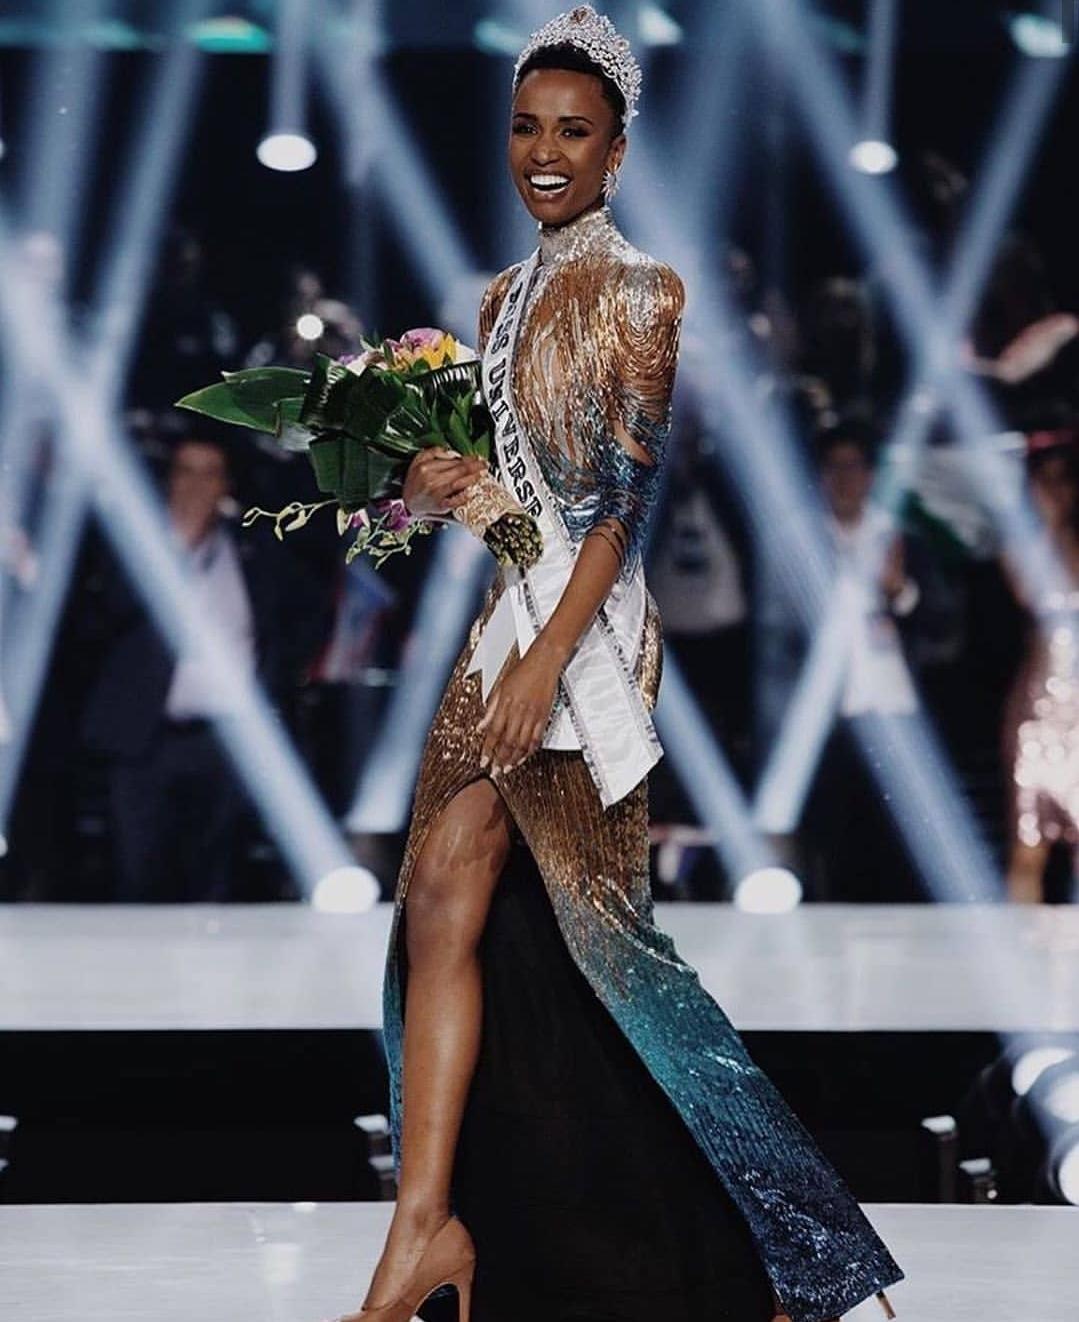 Zozibni-Tunzi-Miss-Universe-2019